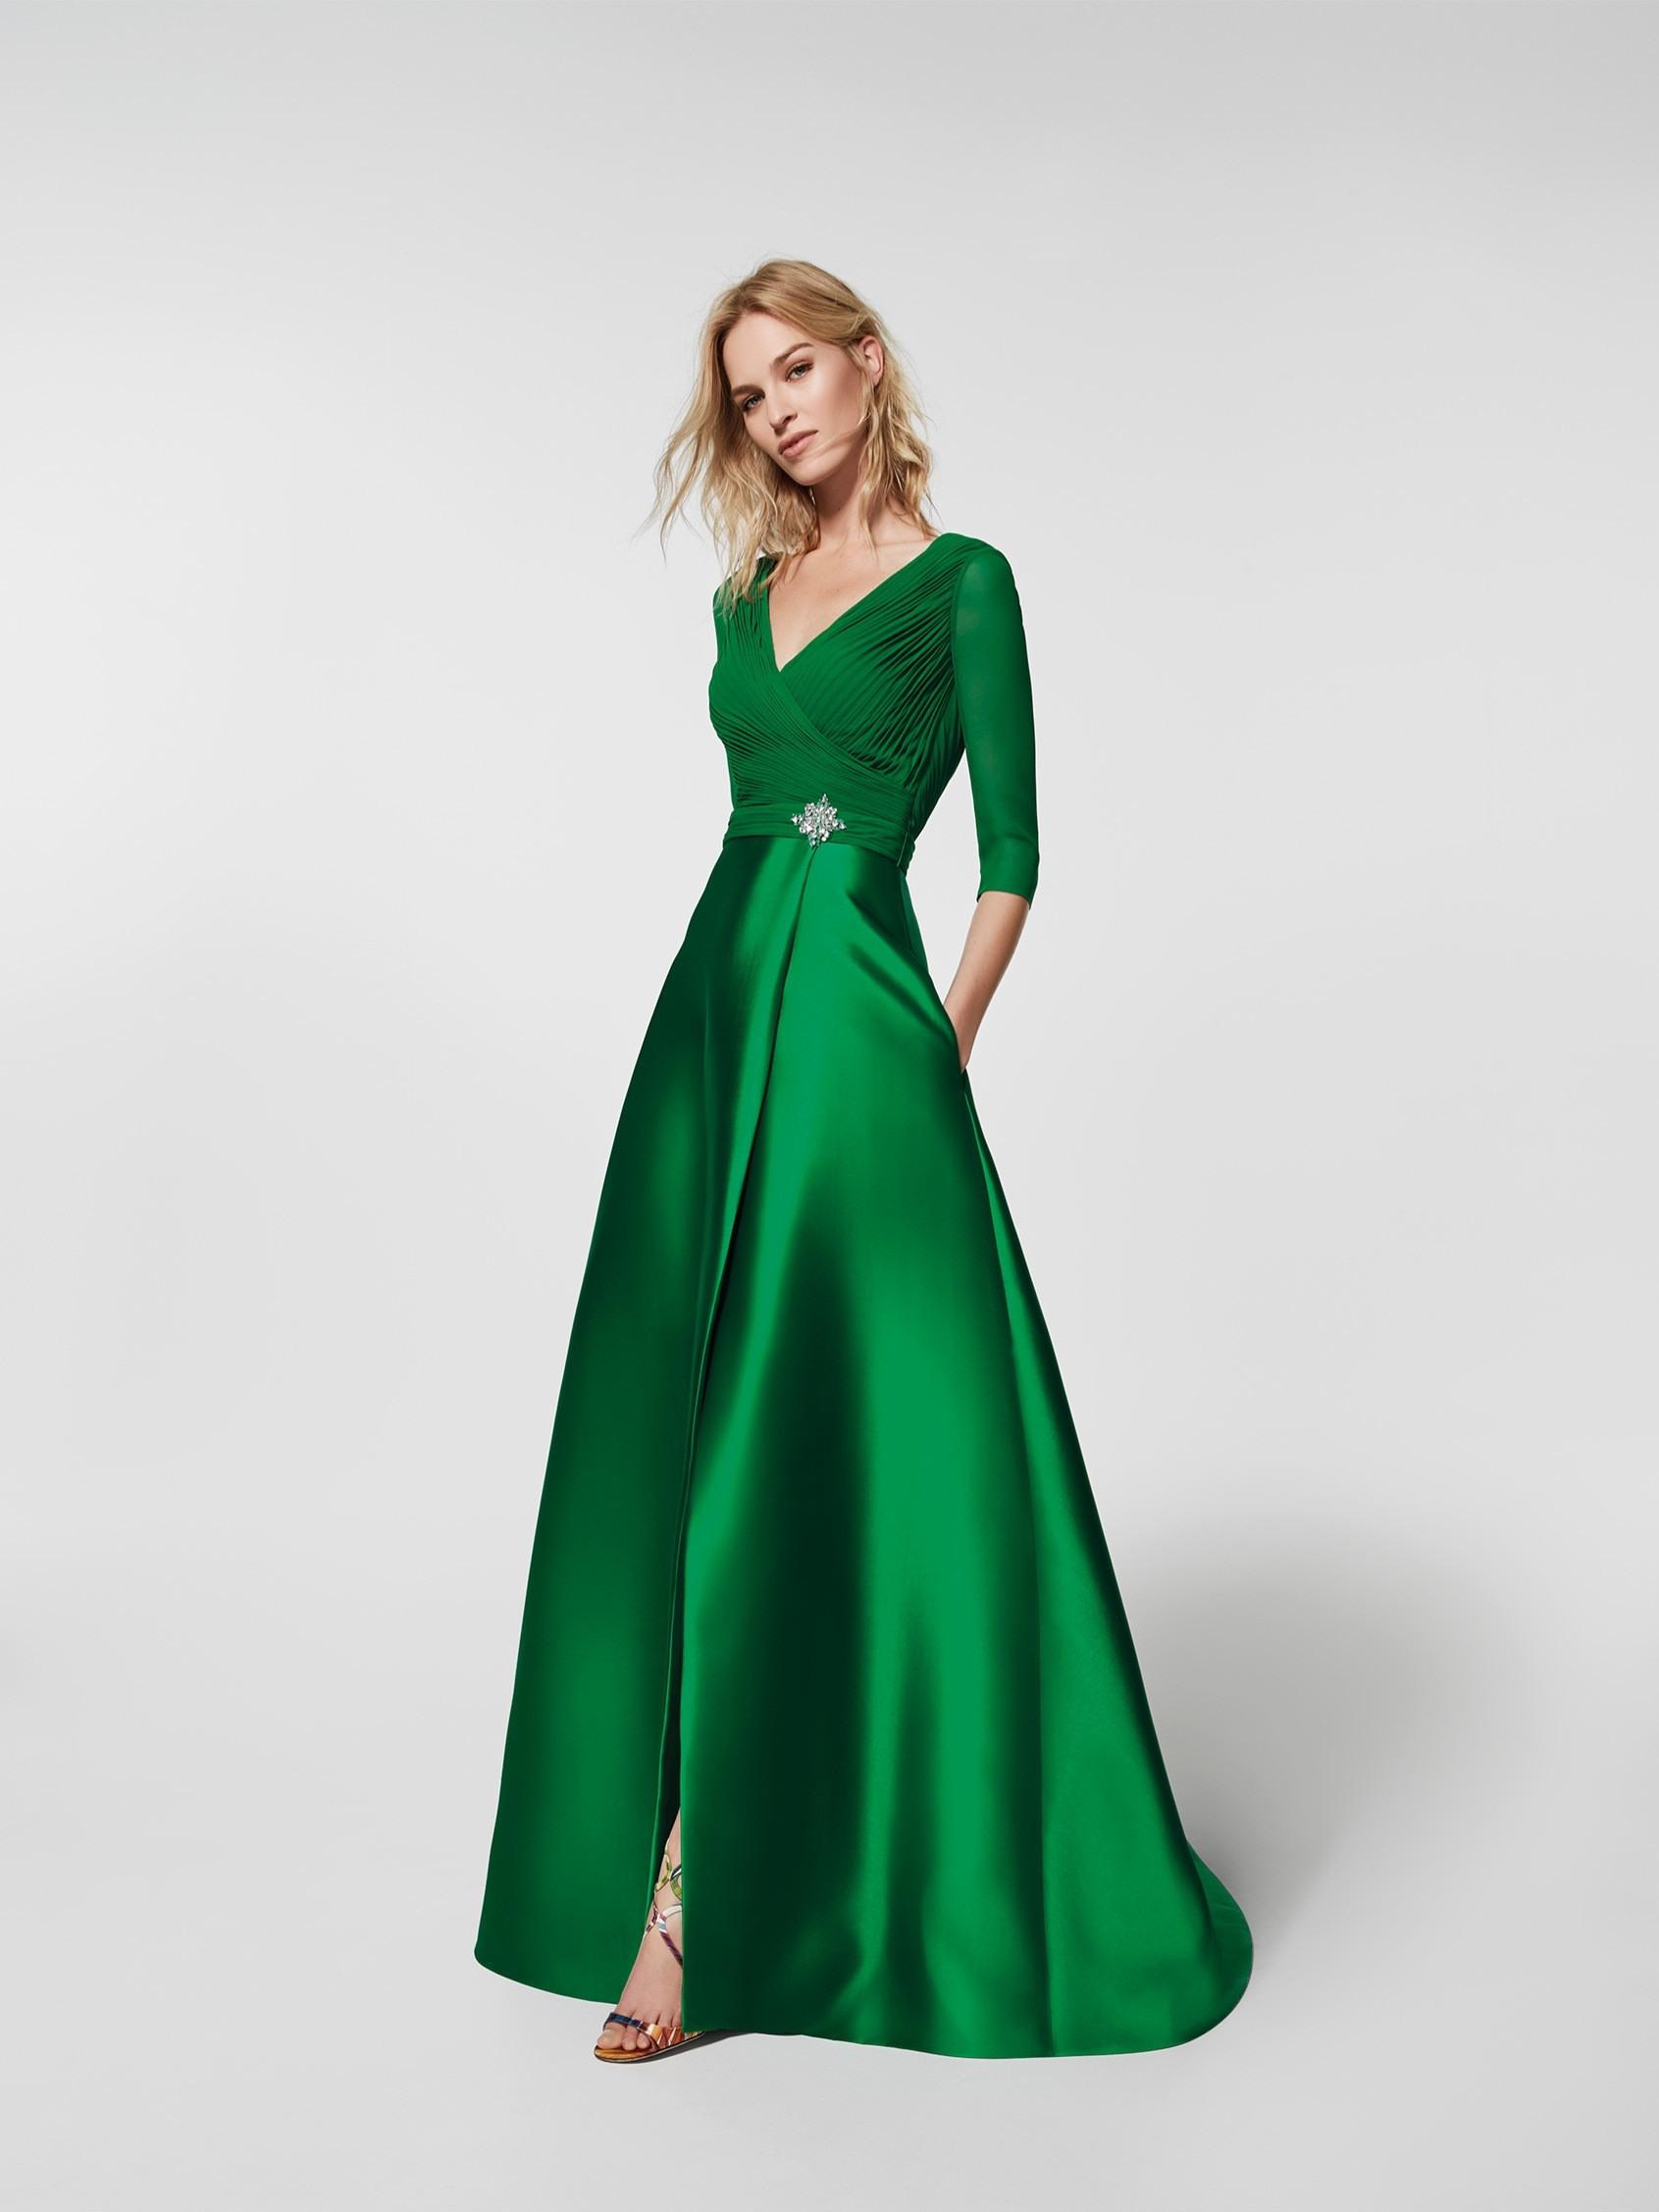 17 Schön Abendkleid Grün für 2019Designer Perfekt Abendkleid Grün Boutique